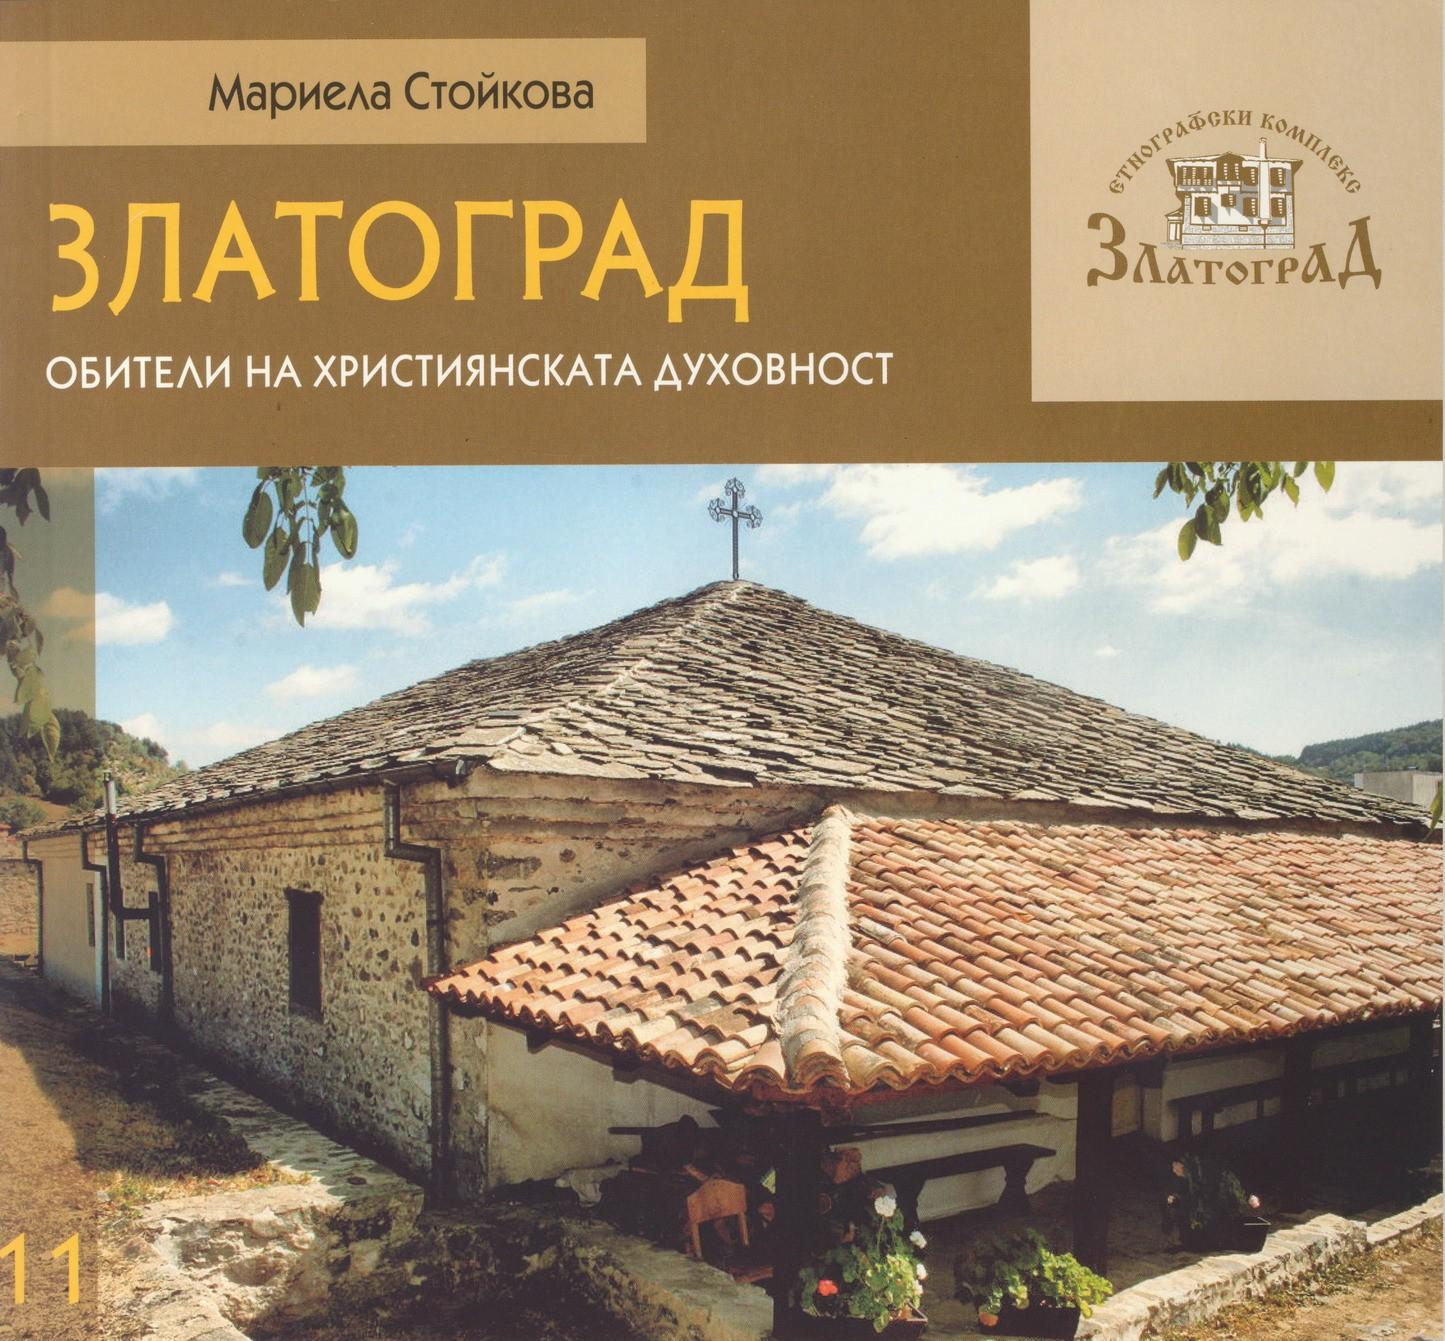 """Книга """"Златоград (обители на християнската духовност)"""" I14003"""